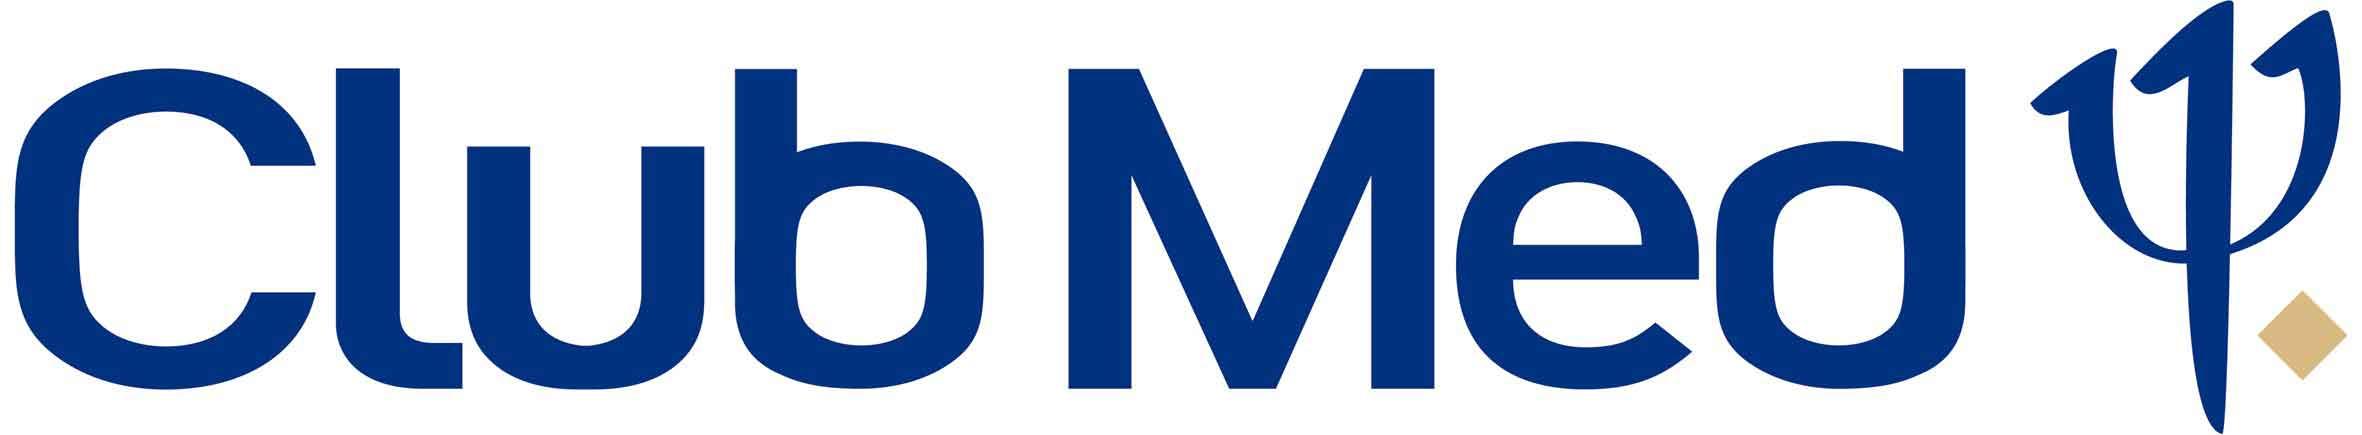 logo site00004